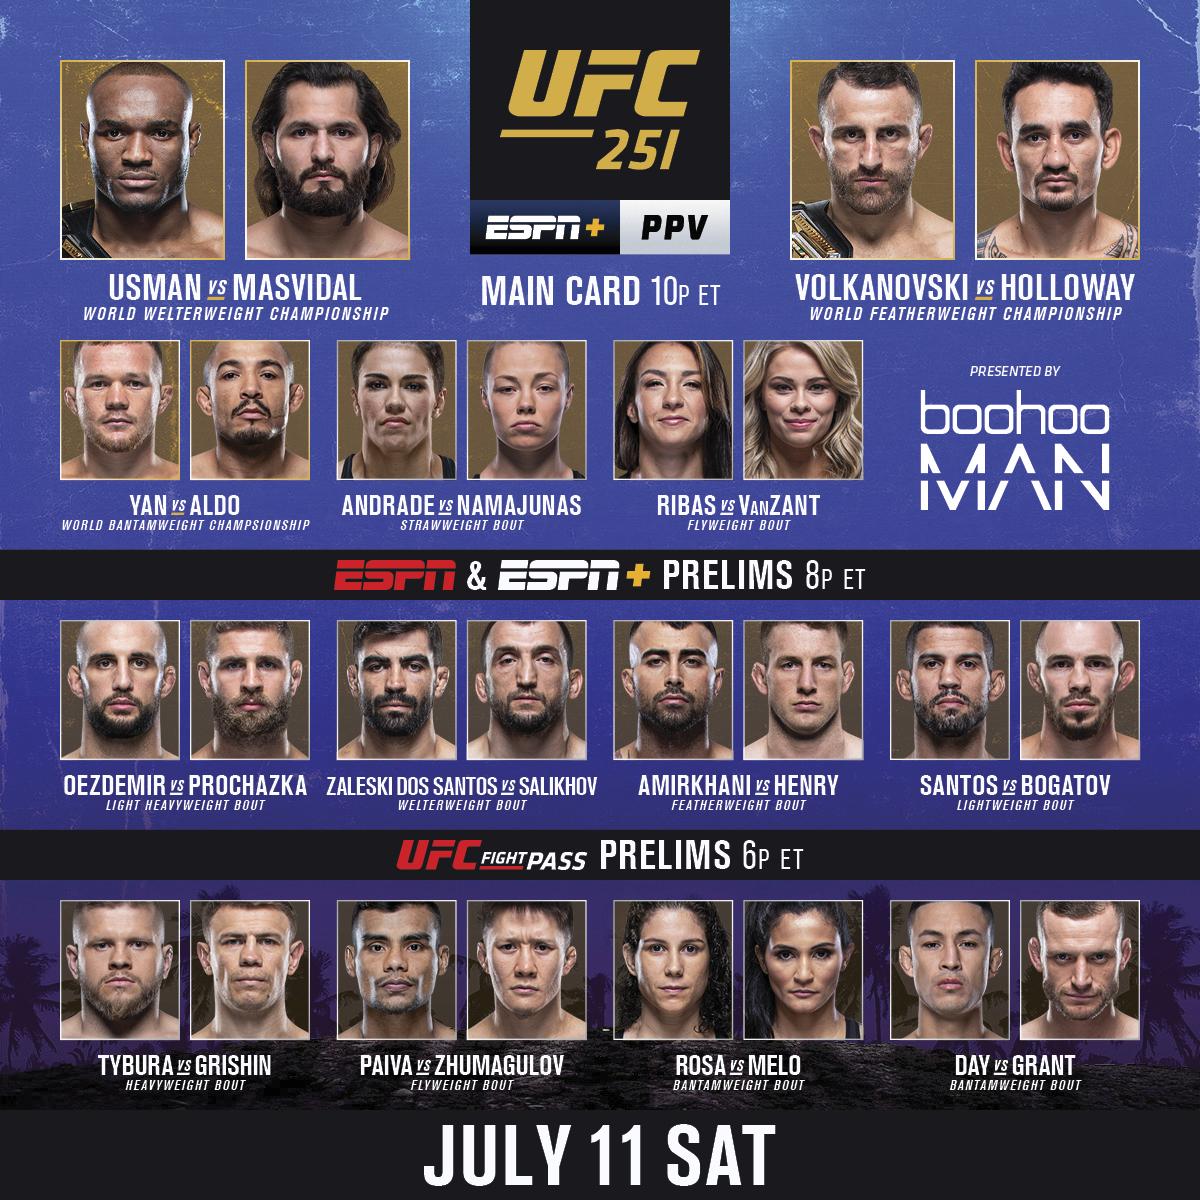 RT b/c IT'S FIGHT DAY! 🏆🏆🏆  #UFC251 - 10pmET - LIVE on ESPN+ PPV ➡️ https://t.co/TzJdHj0xTn  [ B2YB: @boohooMAN ] @VisitAbuDhabi #InAbuDhabi https://t.co/3vxujitwhJ